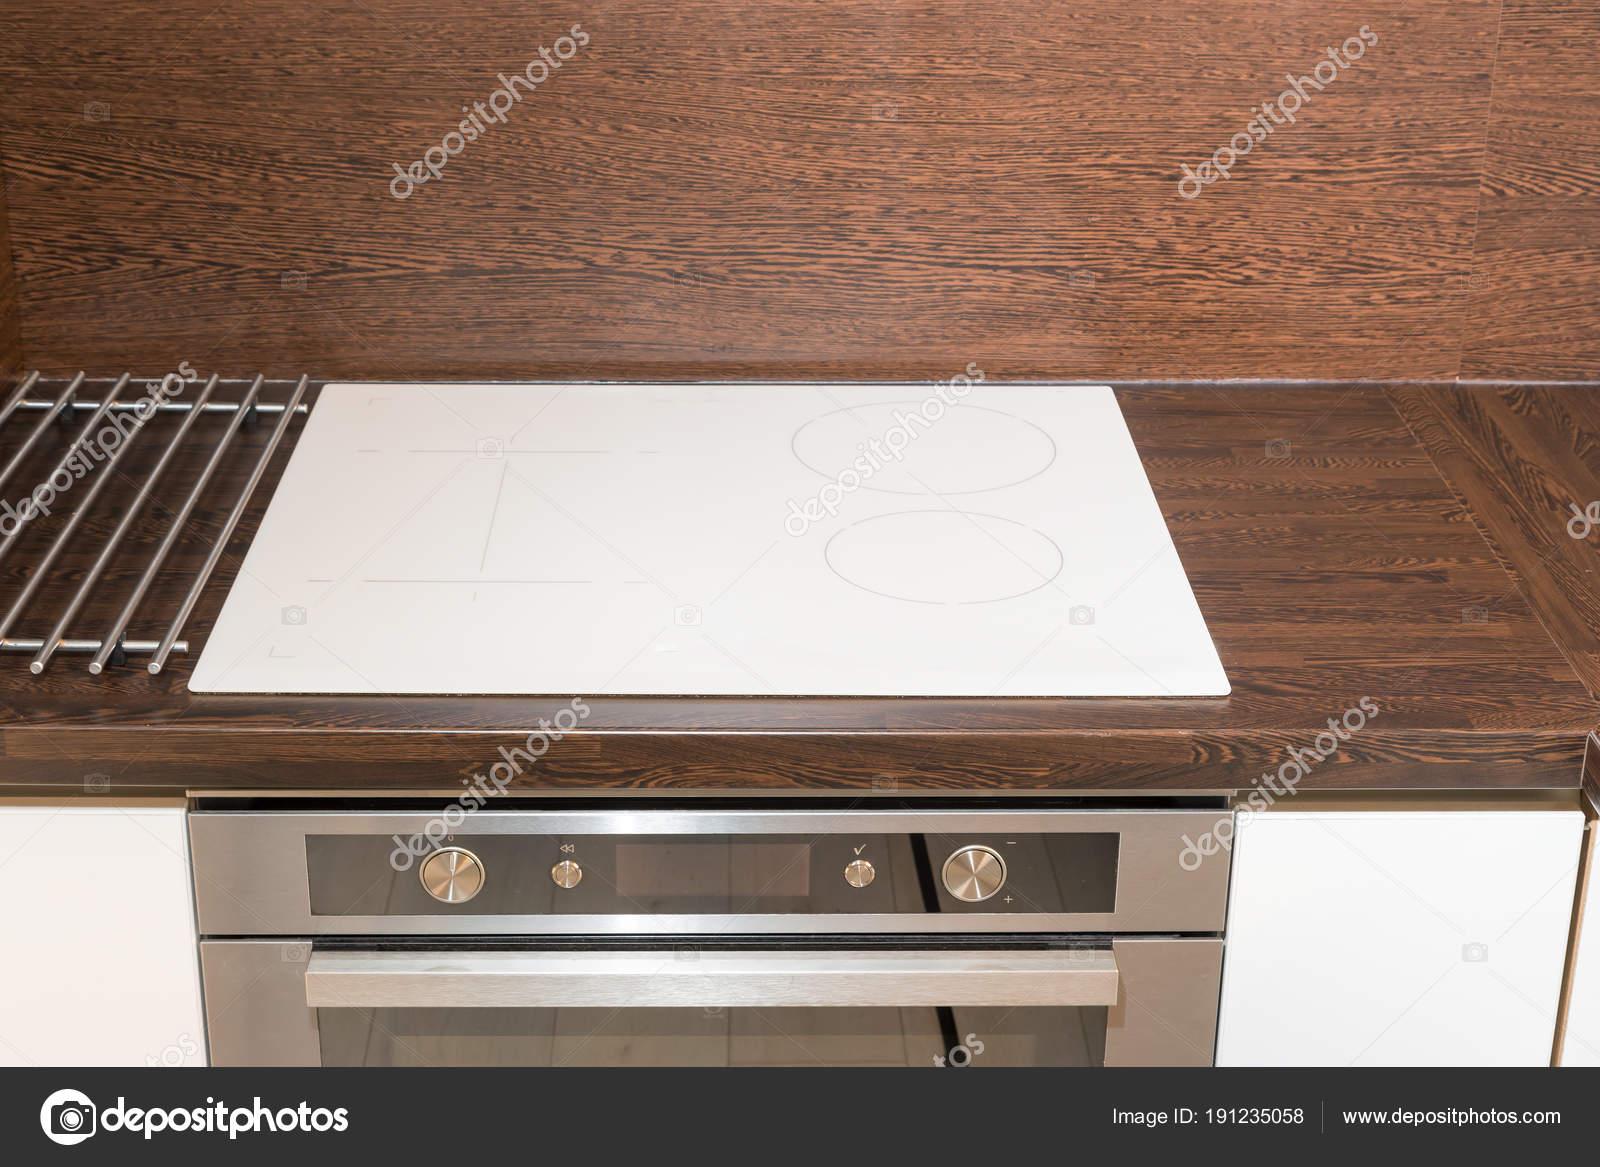 Vorderansicht der Küche mit einem Glas-Keramik-Platte und einem Herd ...